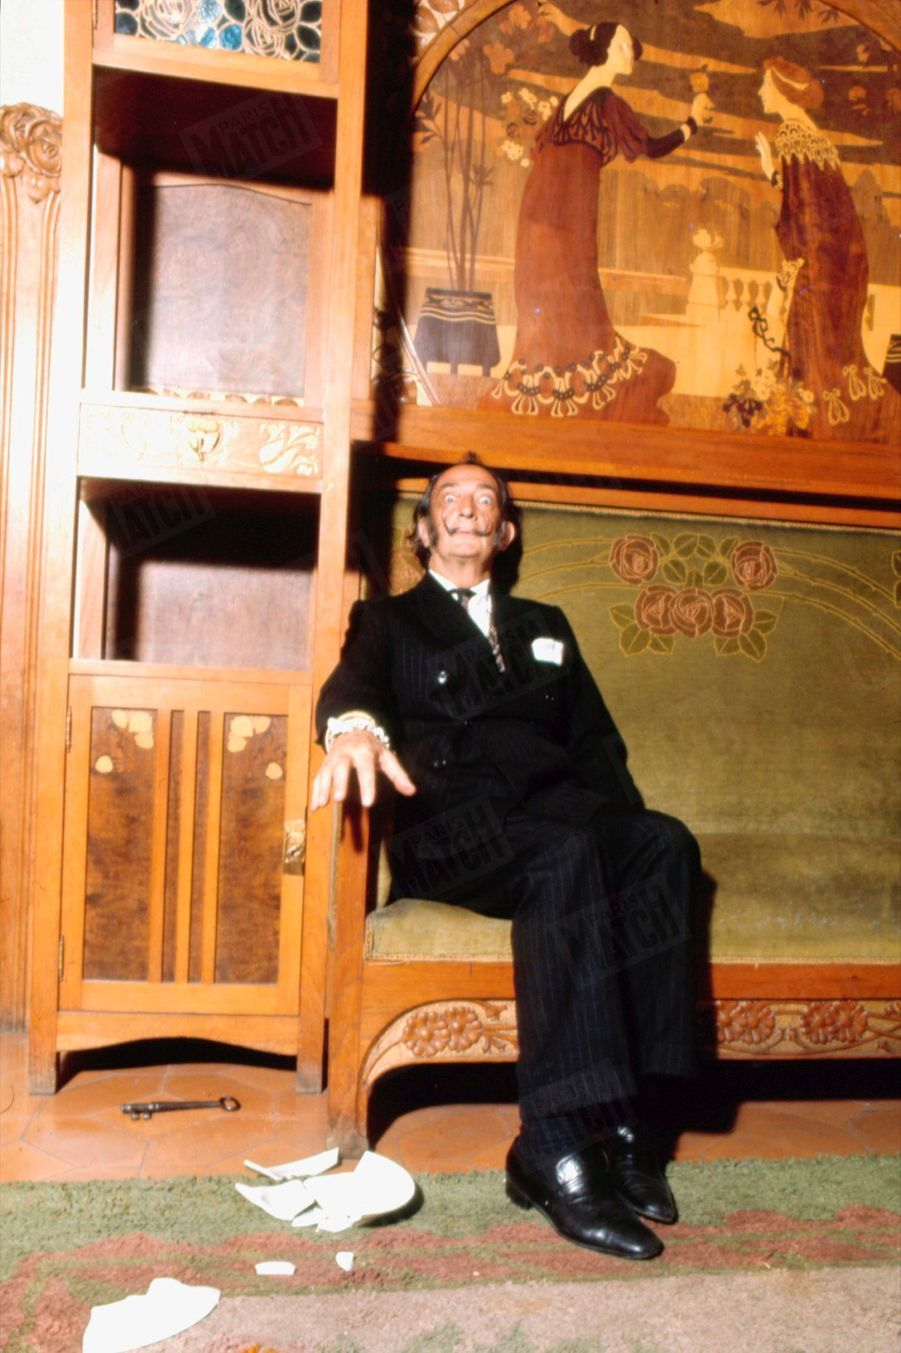 « A la fin de ses parcours parallèles ultrapositivistes et surréalistes, Dali se permet une sieste, la plus courte et la plus succulente des siestes, la sieste pratiquée par les moines dans les couvents espagnols. La clé casse l'assiette au moment instantané de la perte de connaissance.», Salvador Dali dans Paris Match n°1055, 26 juillet 1969